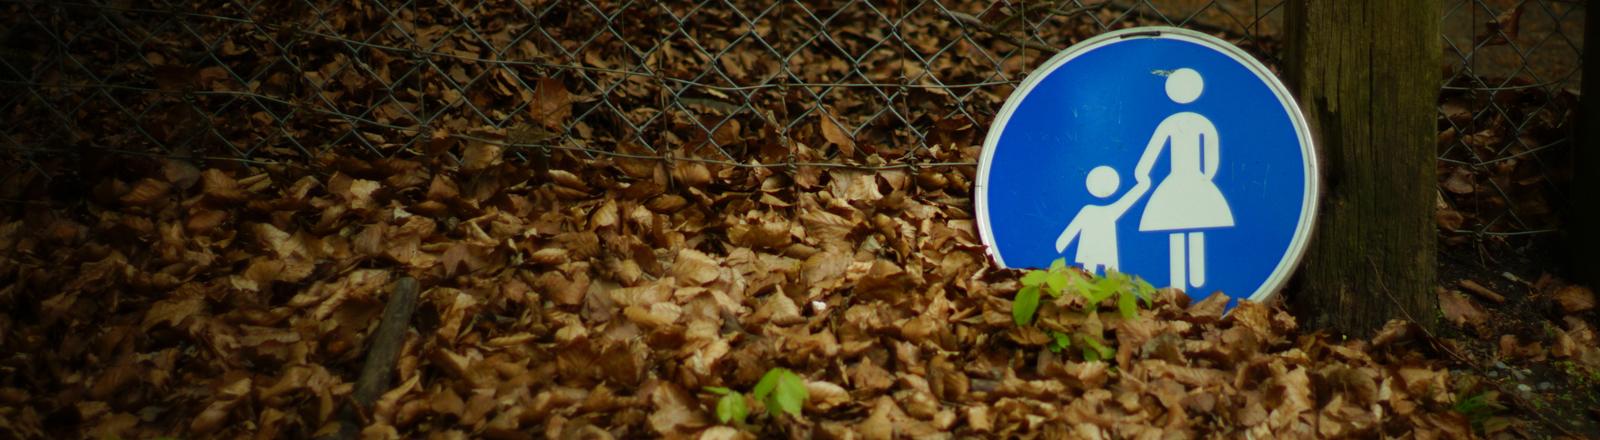 """Ein """"Mutter-und-Kind""""-Straßenschild liegt im Laub."""